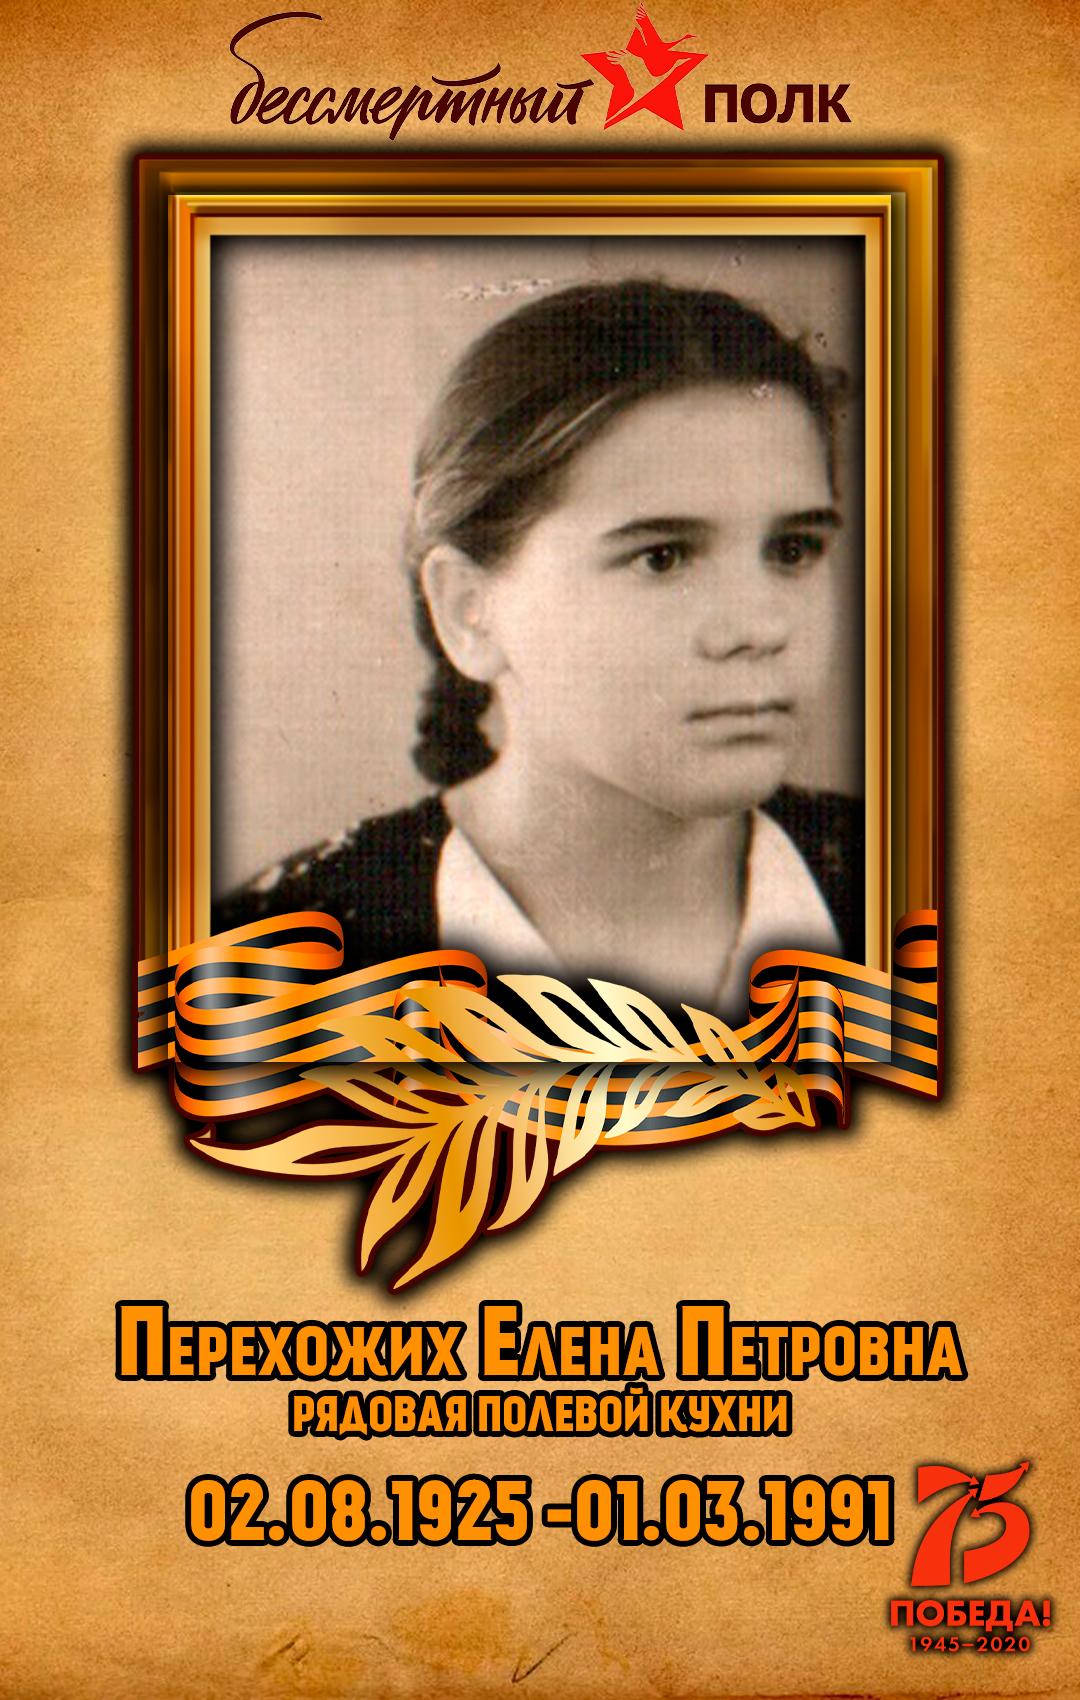 Перехожих-Елена-Петровна